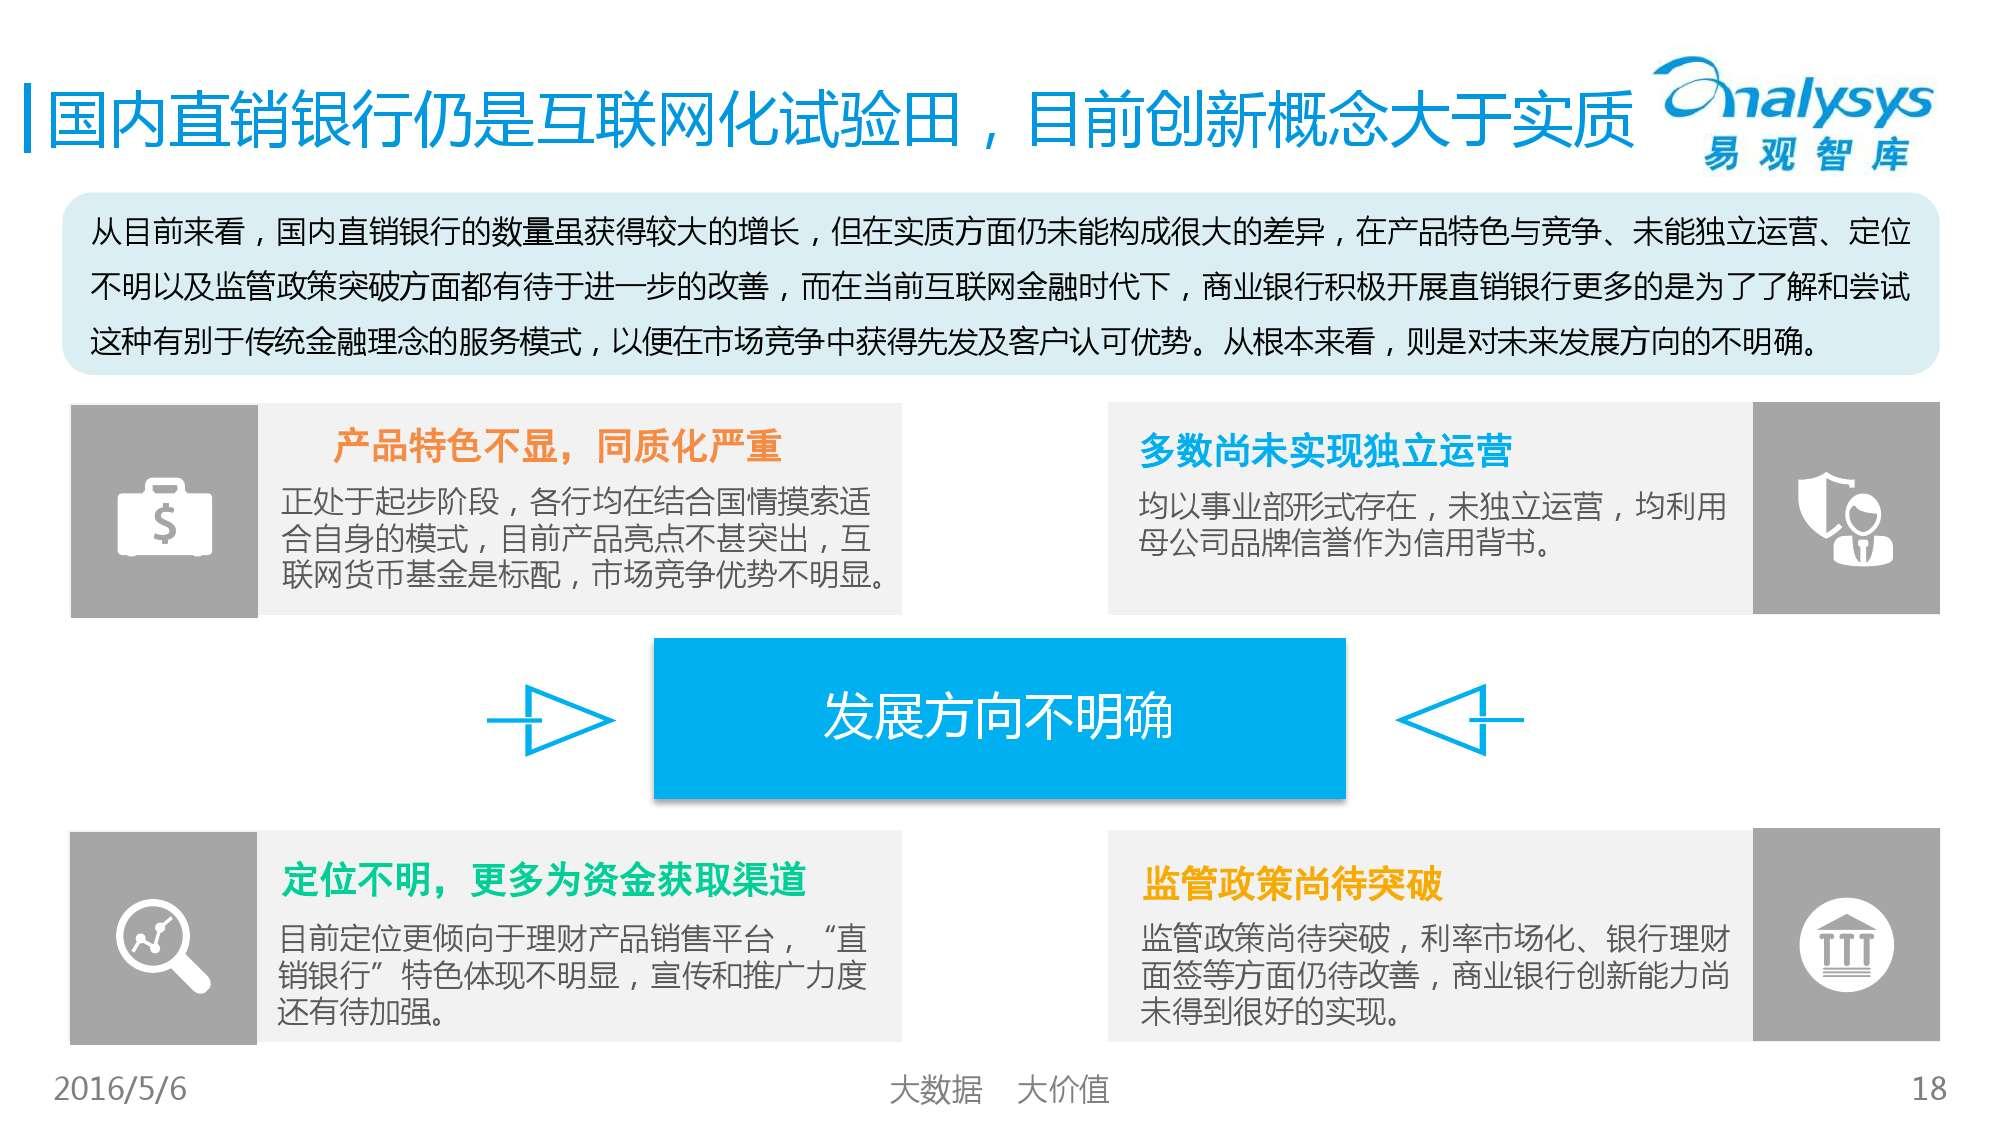 2016年中国直销银行市场专题研究报告_000018